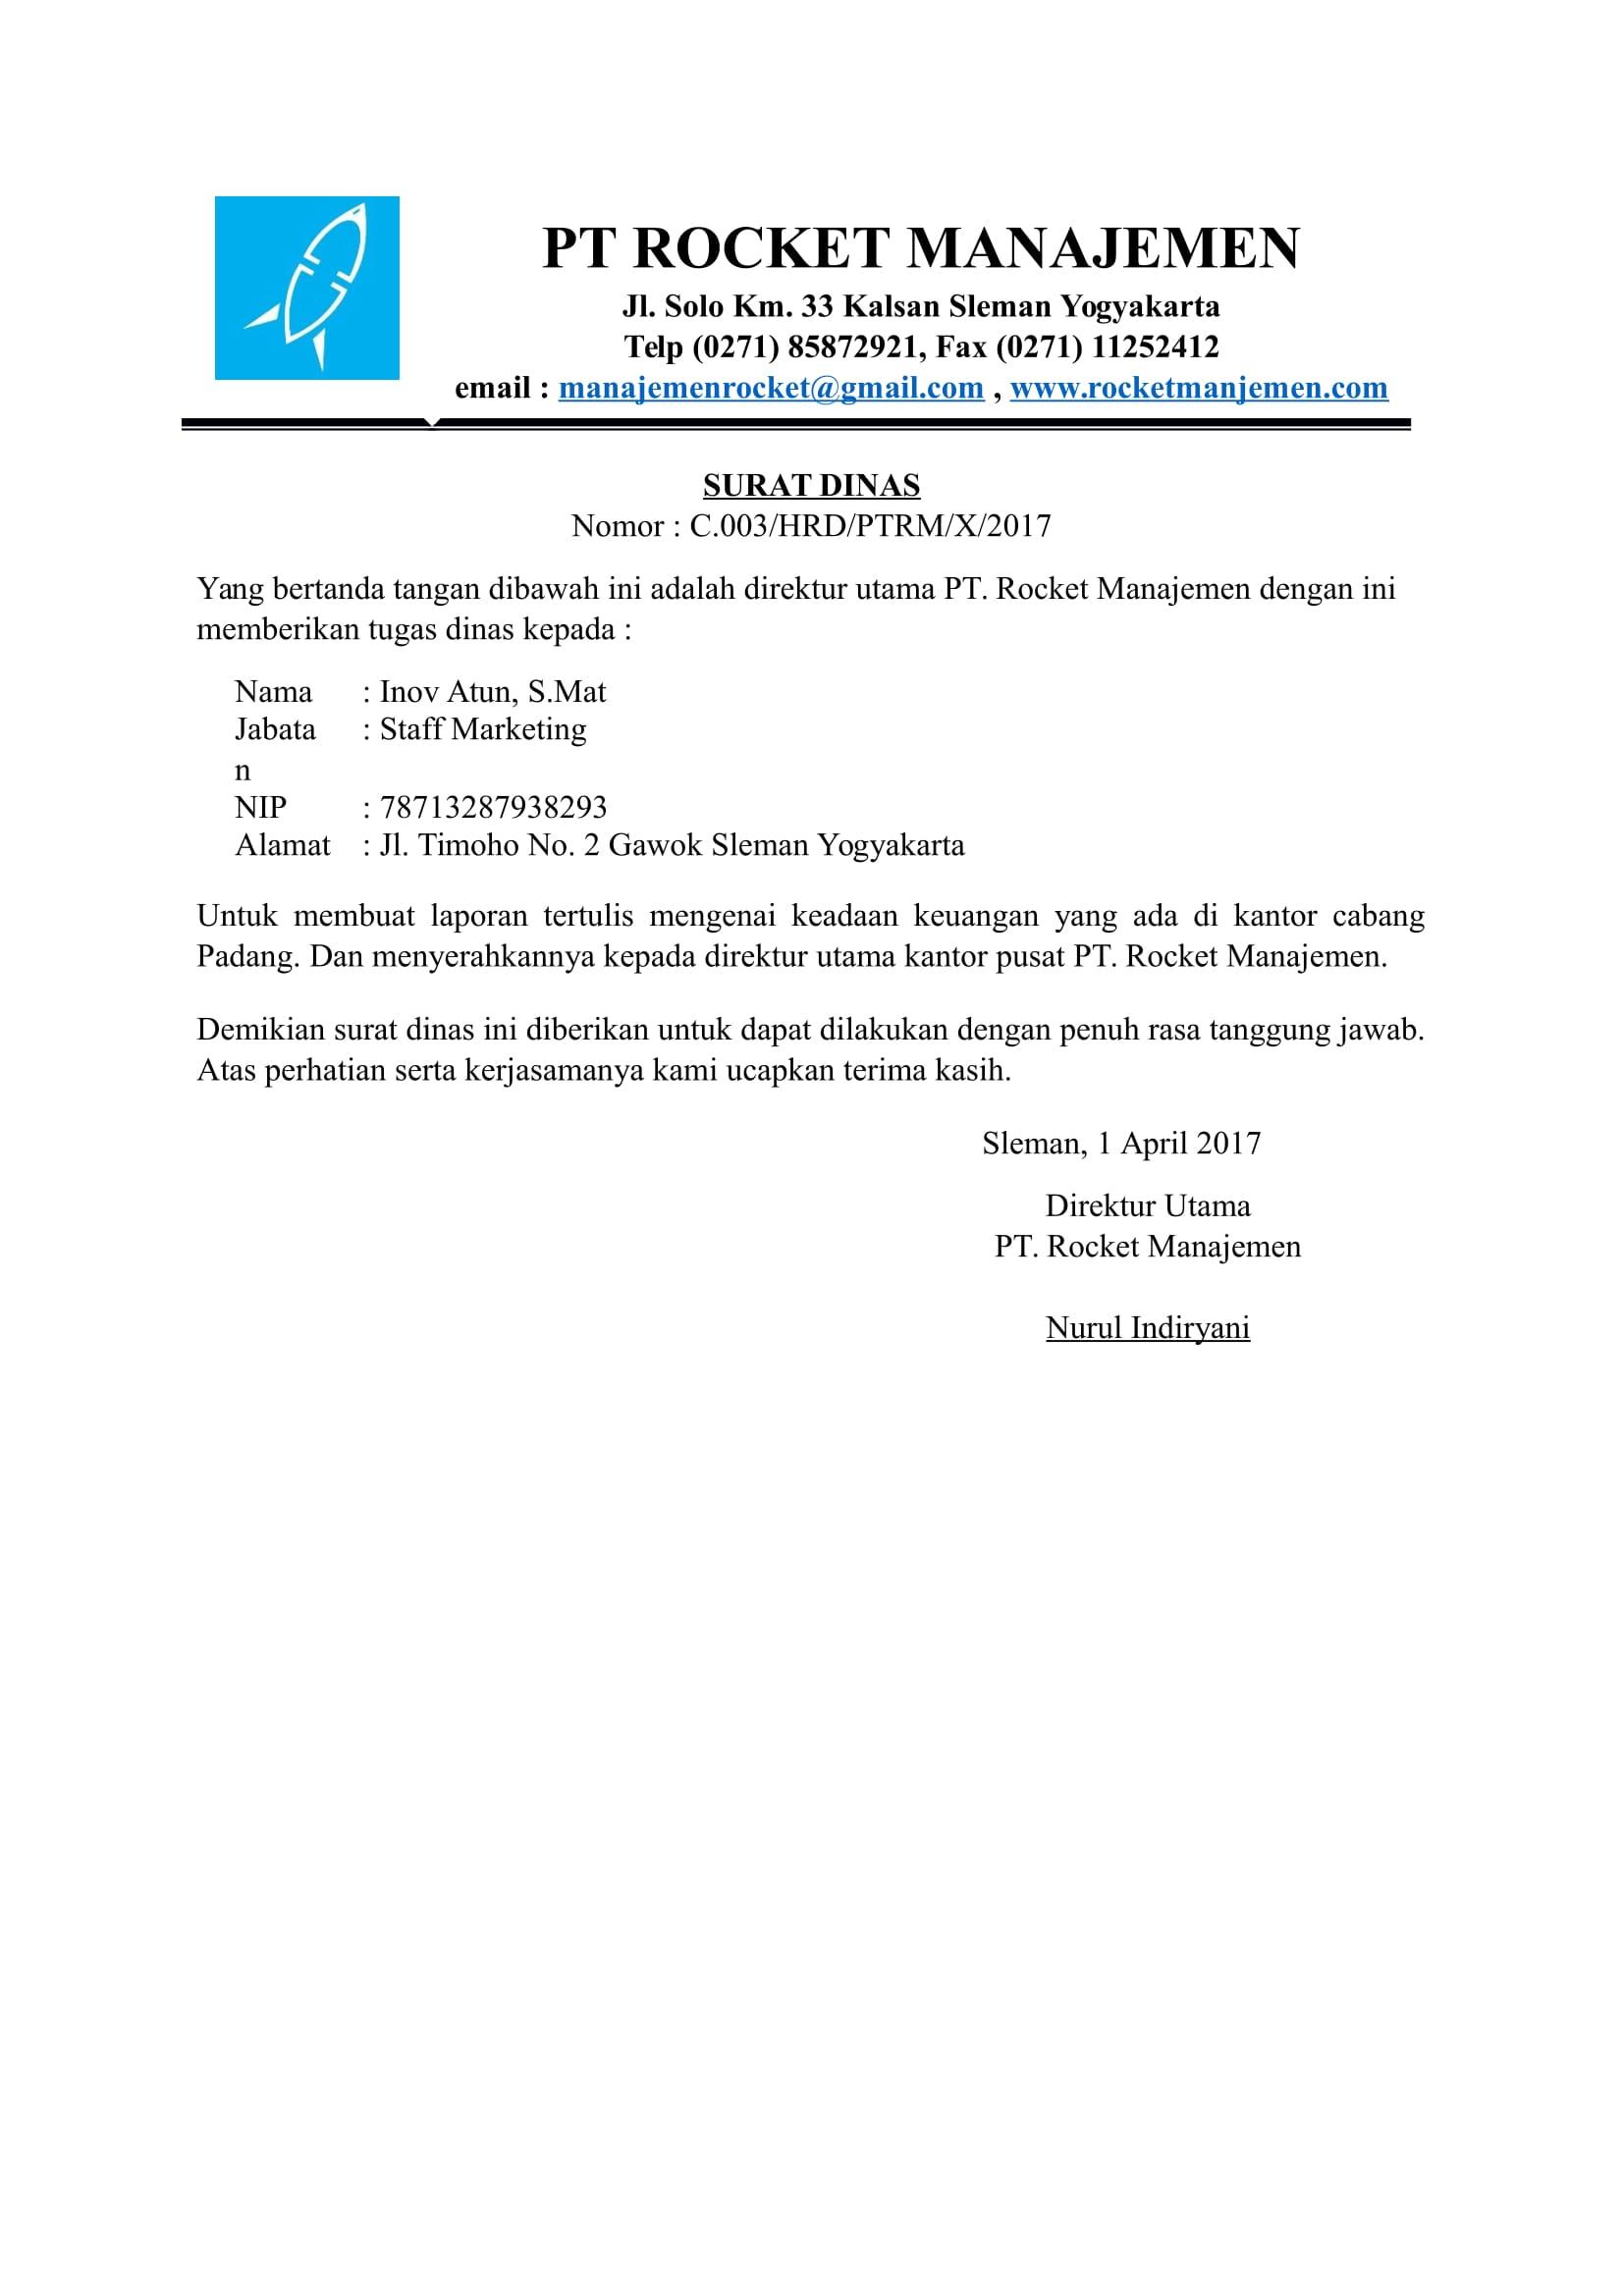 Surat Dinas Perusahaan